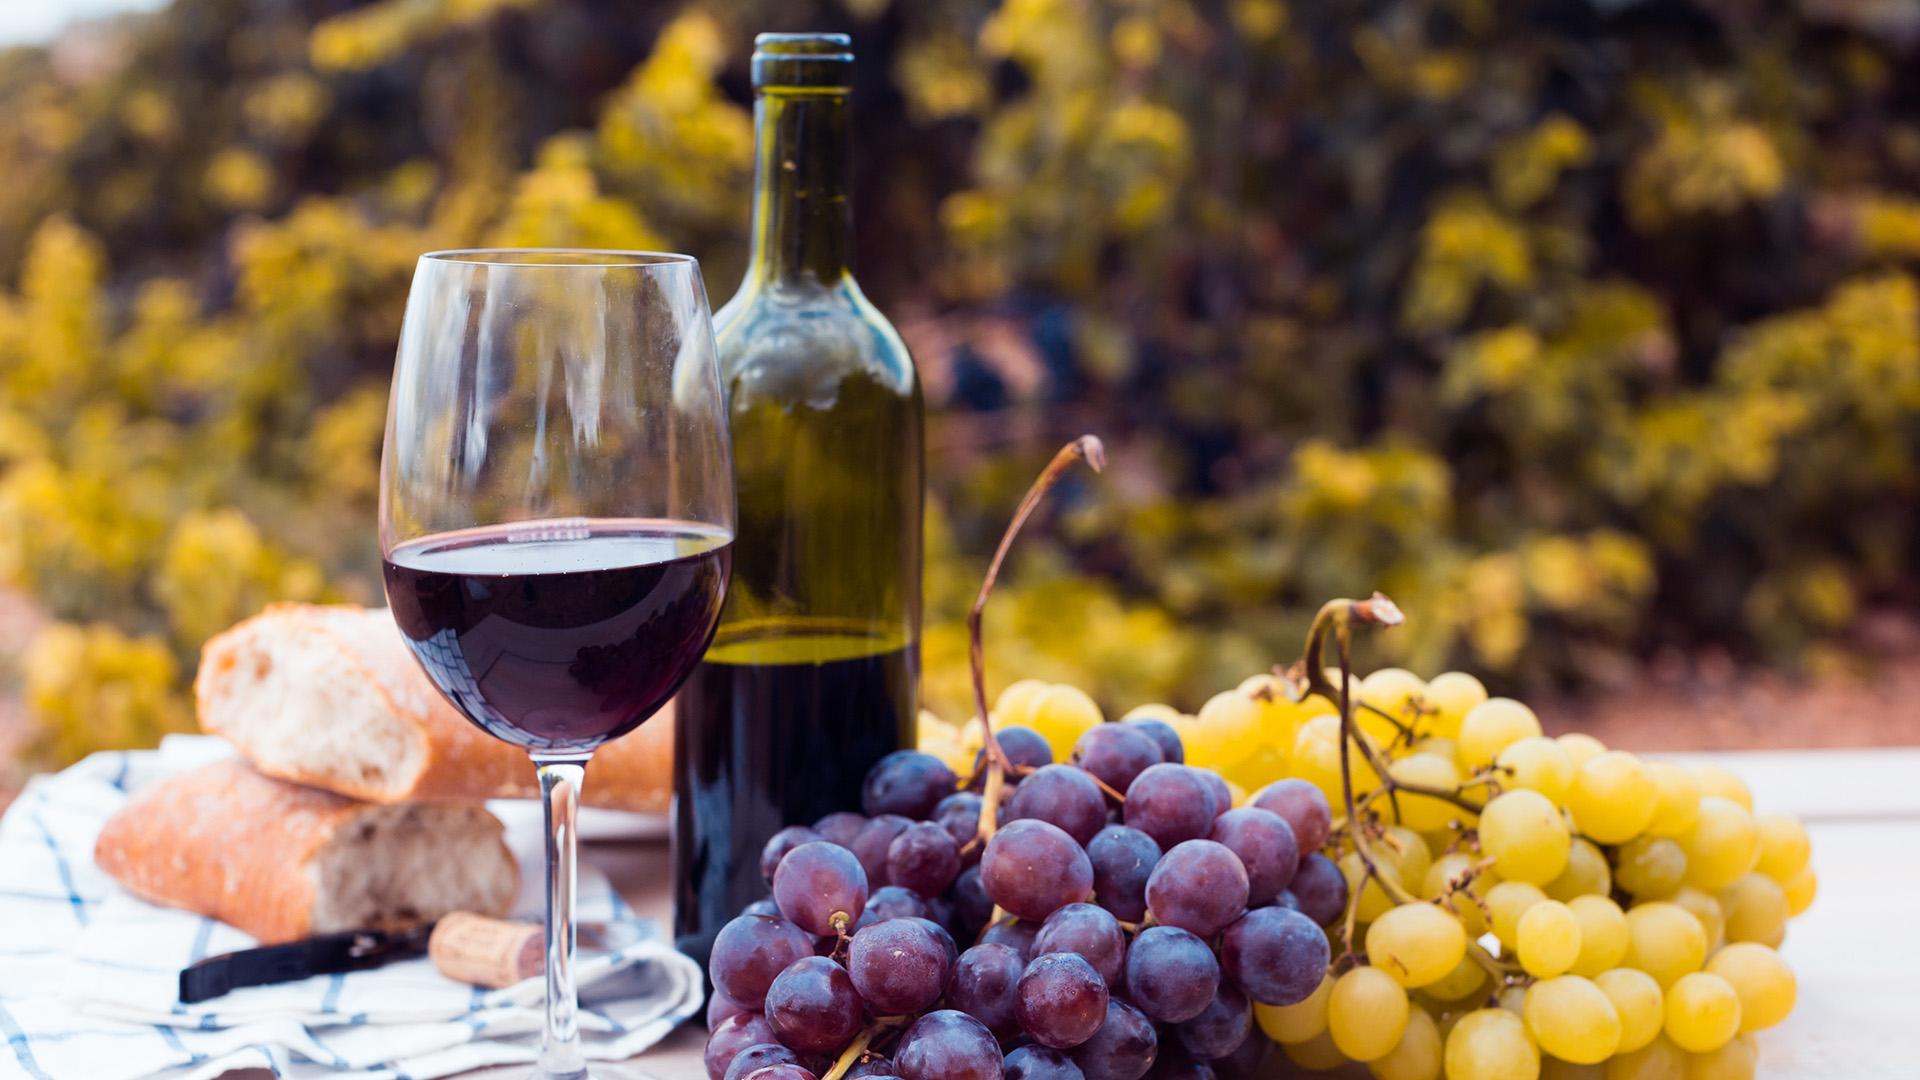 El vino de la independencia: 9 malbecs para brindar este 9 de Julio -  Infobae